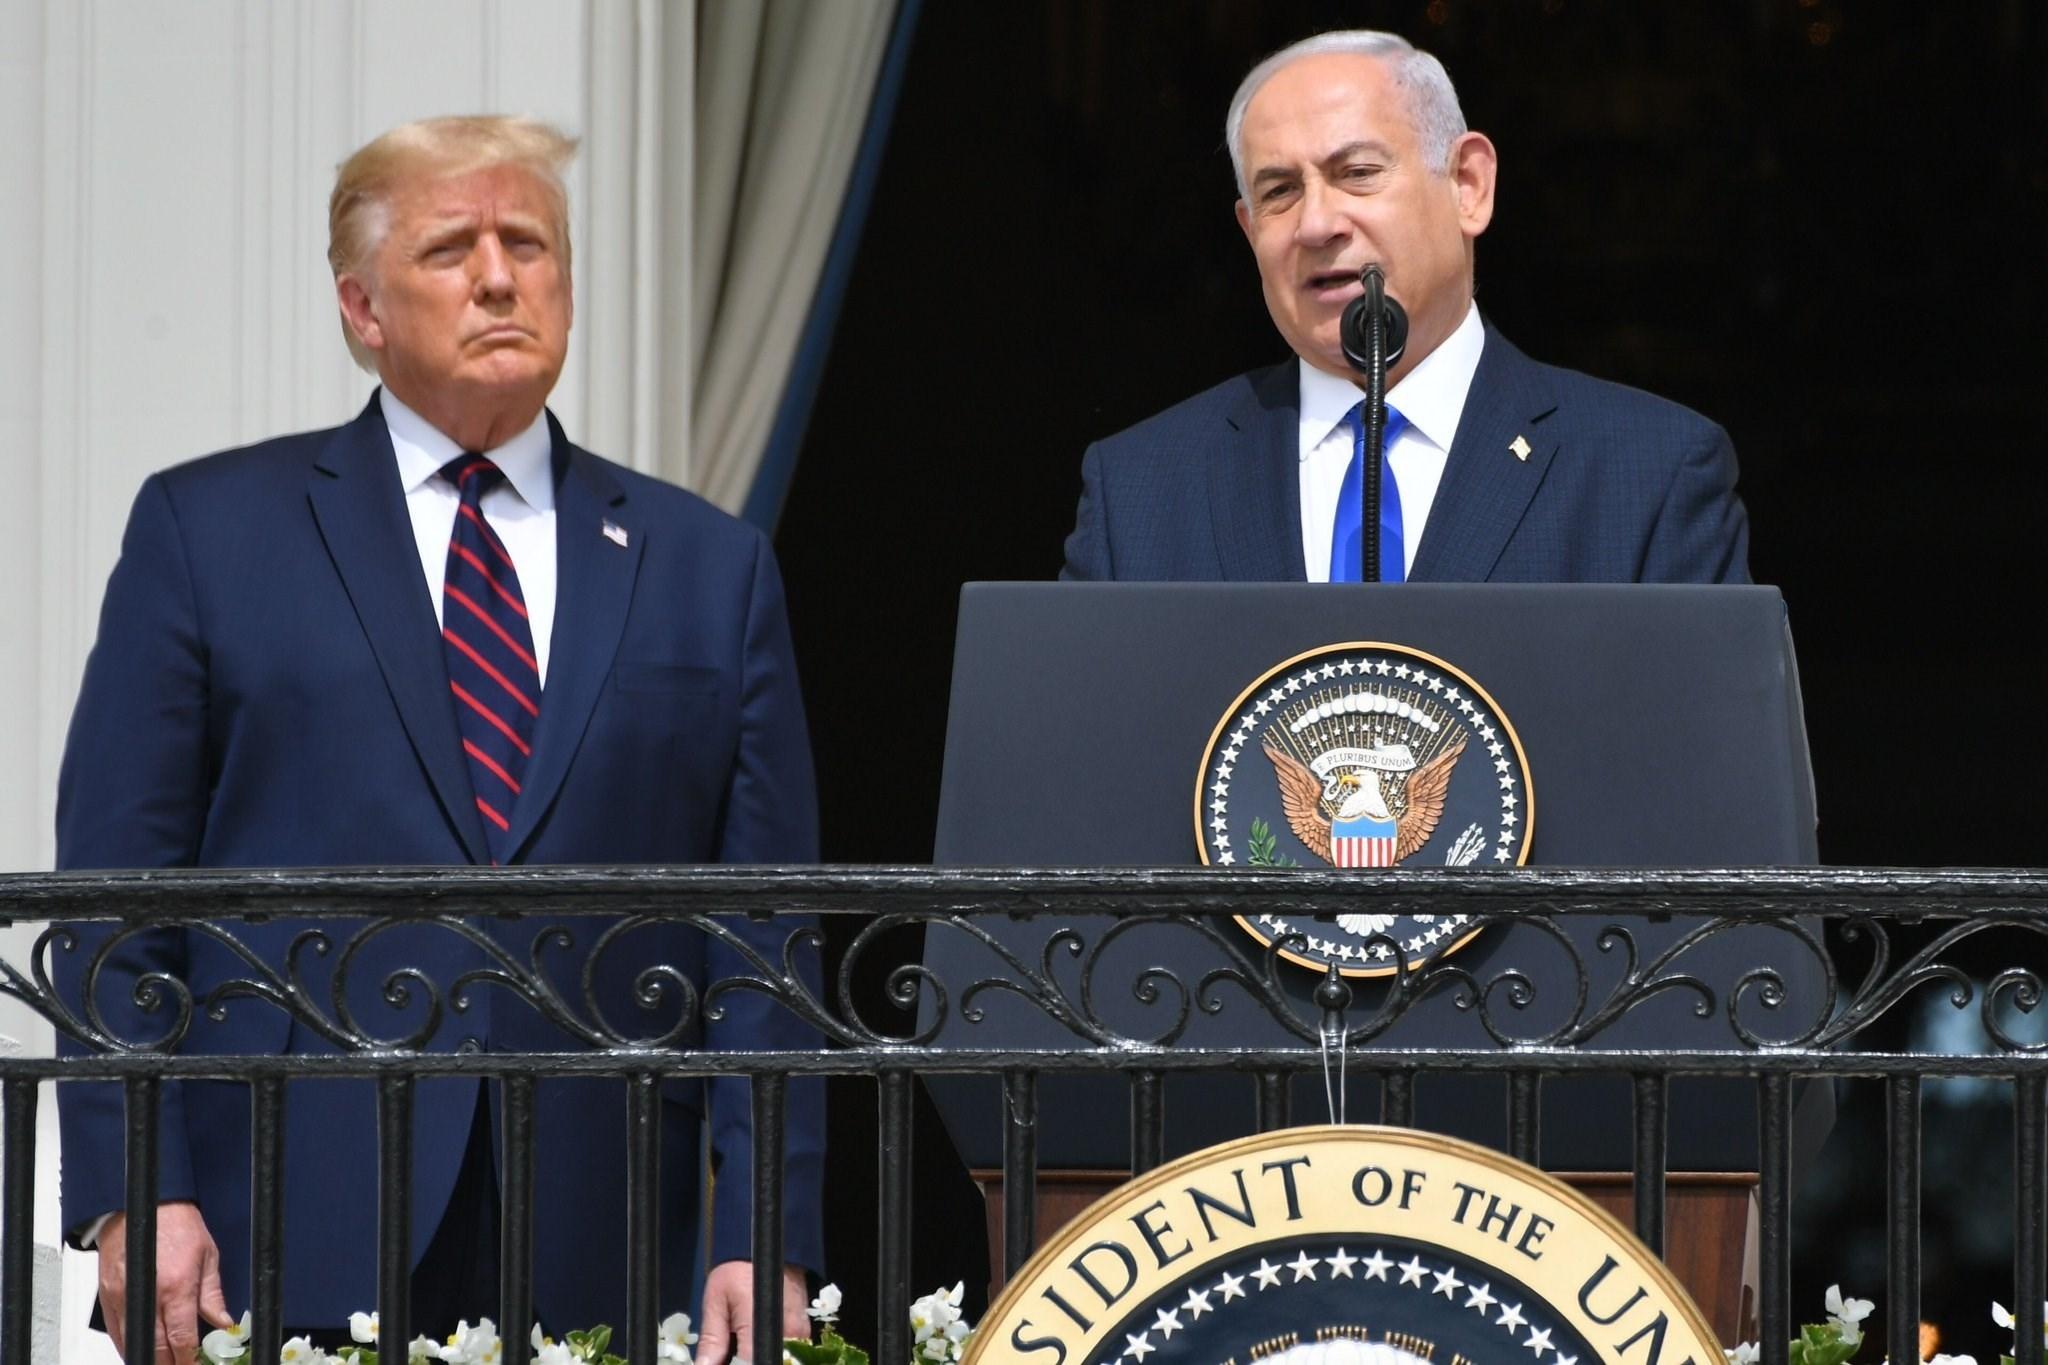 نتنياهو وترامب خلال توقيع اتفاق